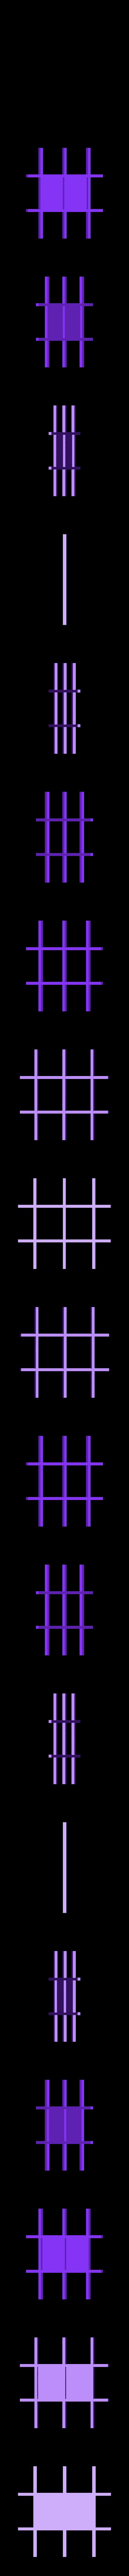 C2d9d20a 1d3d 4823 aa4a 96c83b7fb5de